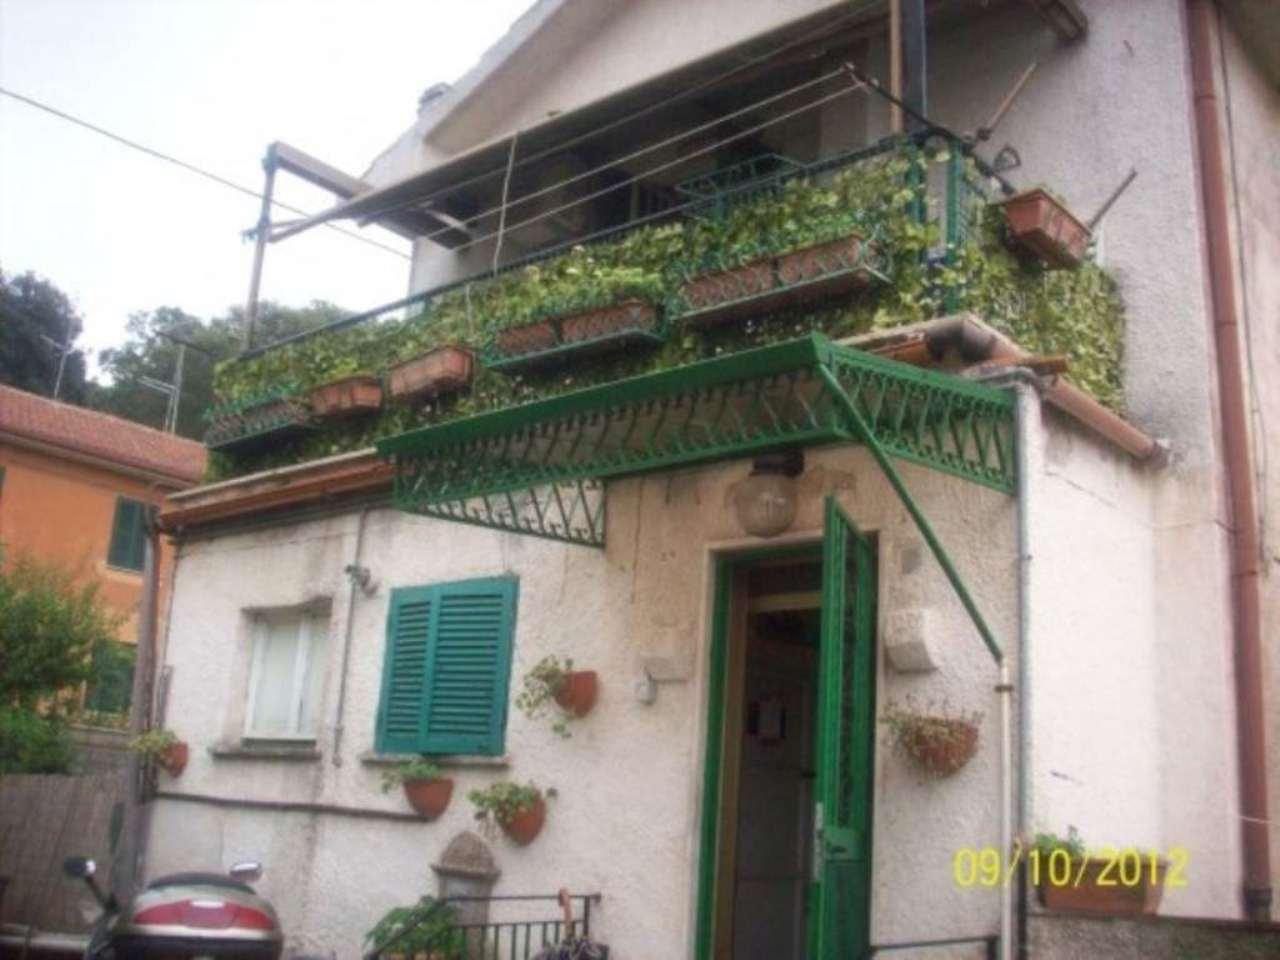 Soluzione Indipendente in vendita a Ariccia, 5 locali, prezzo € 170.000 | CambioCasa.it